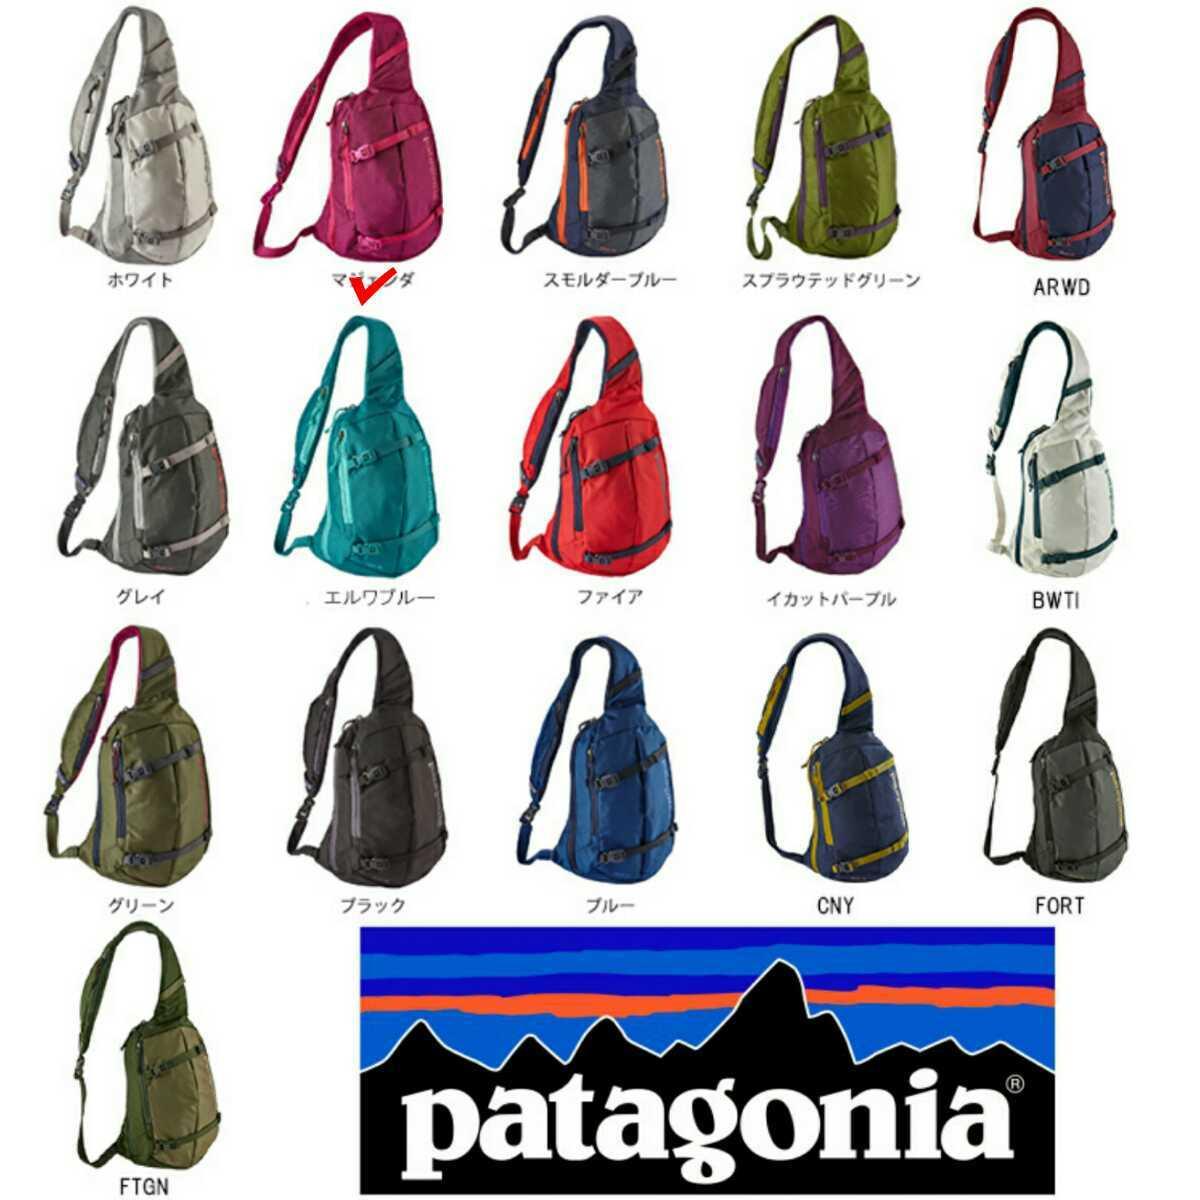 新品未使用品8l【Patagonia/パタゴニア】MENS/LADIES メンズ レディース Atom Sling/アトム スリング ボディバッグ ワンショルダーバッグ